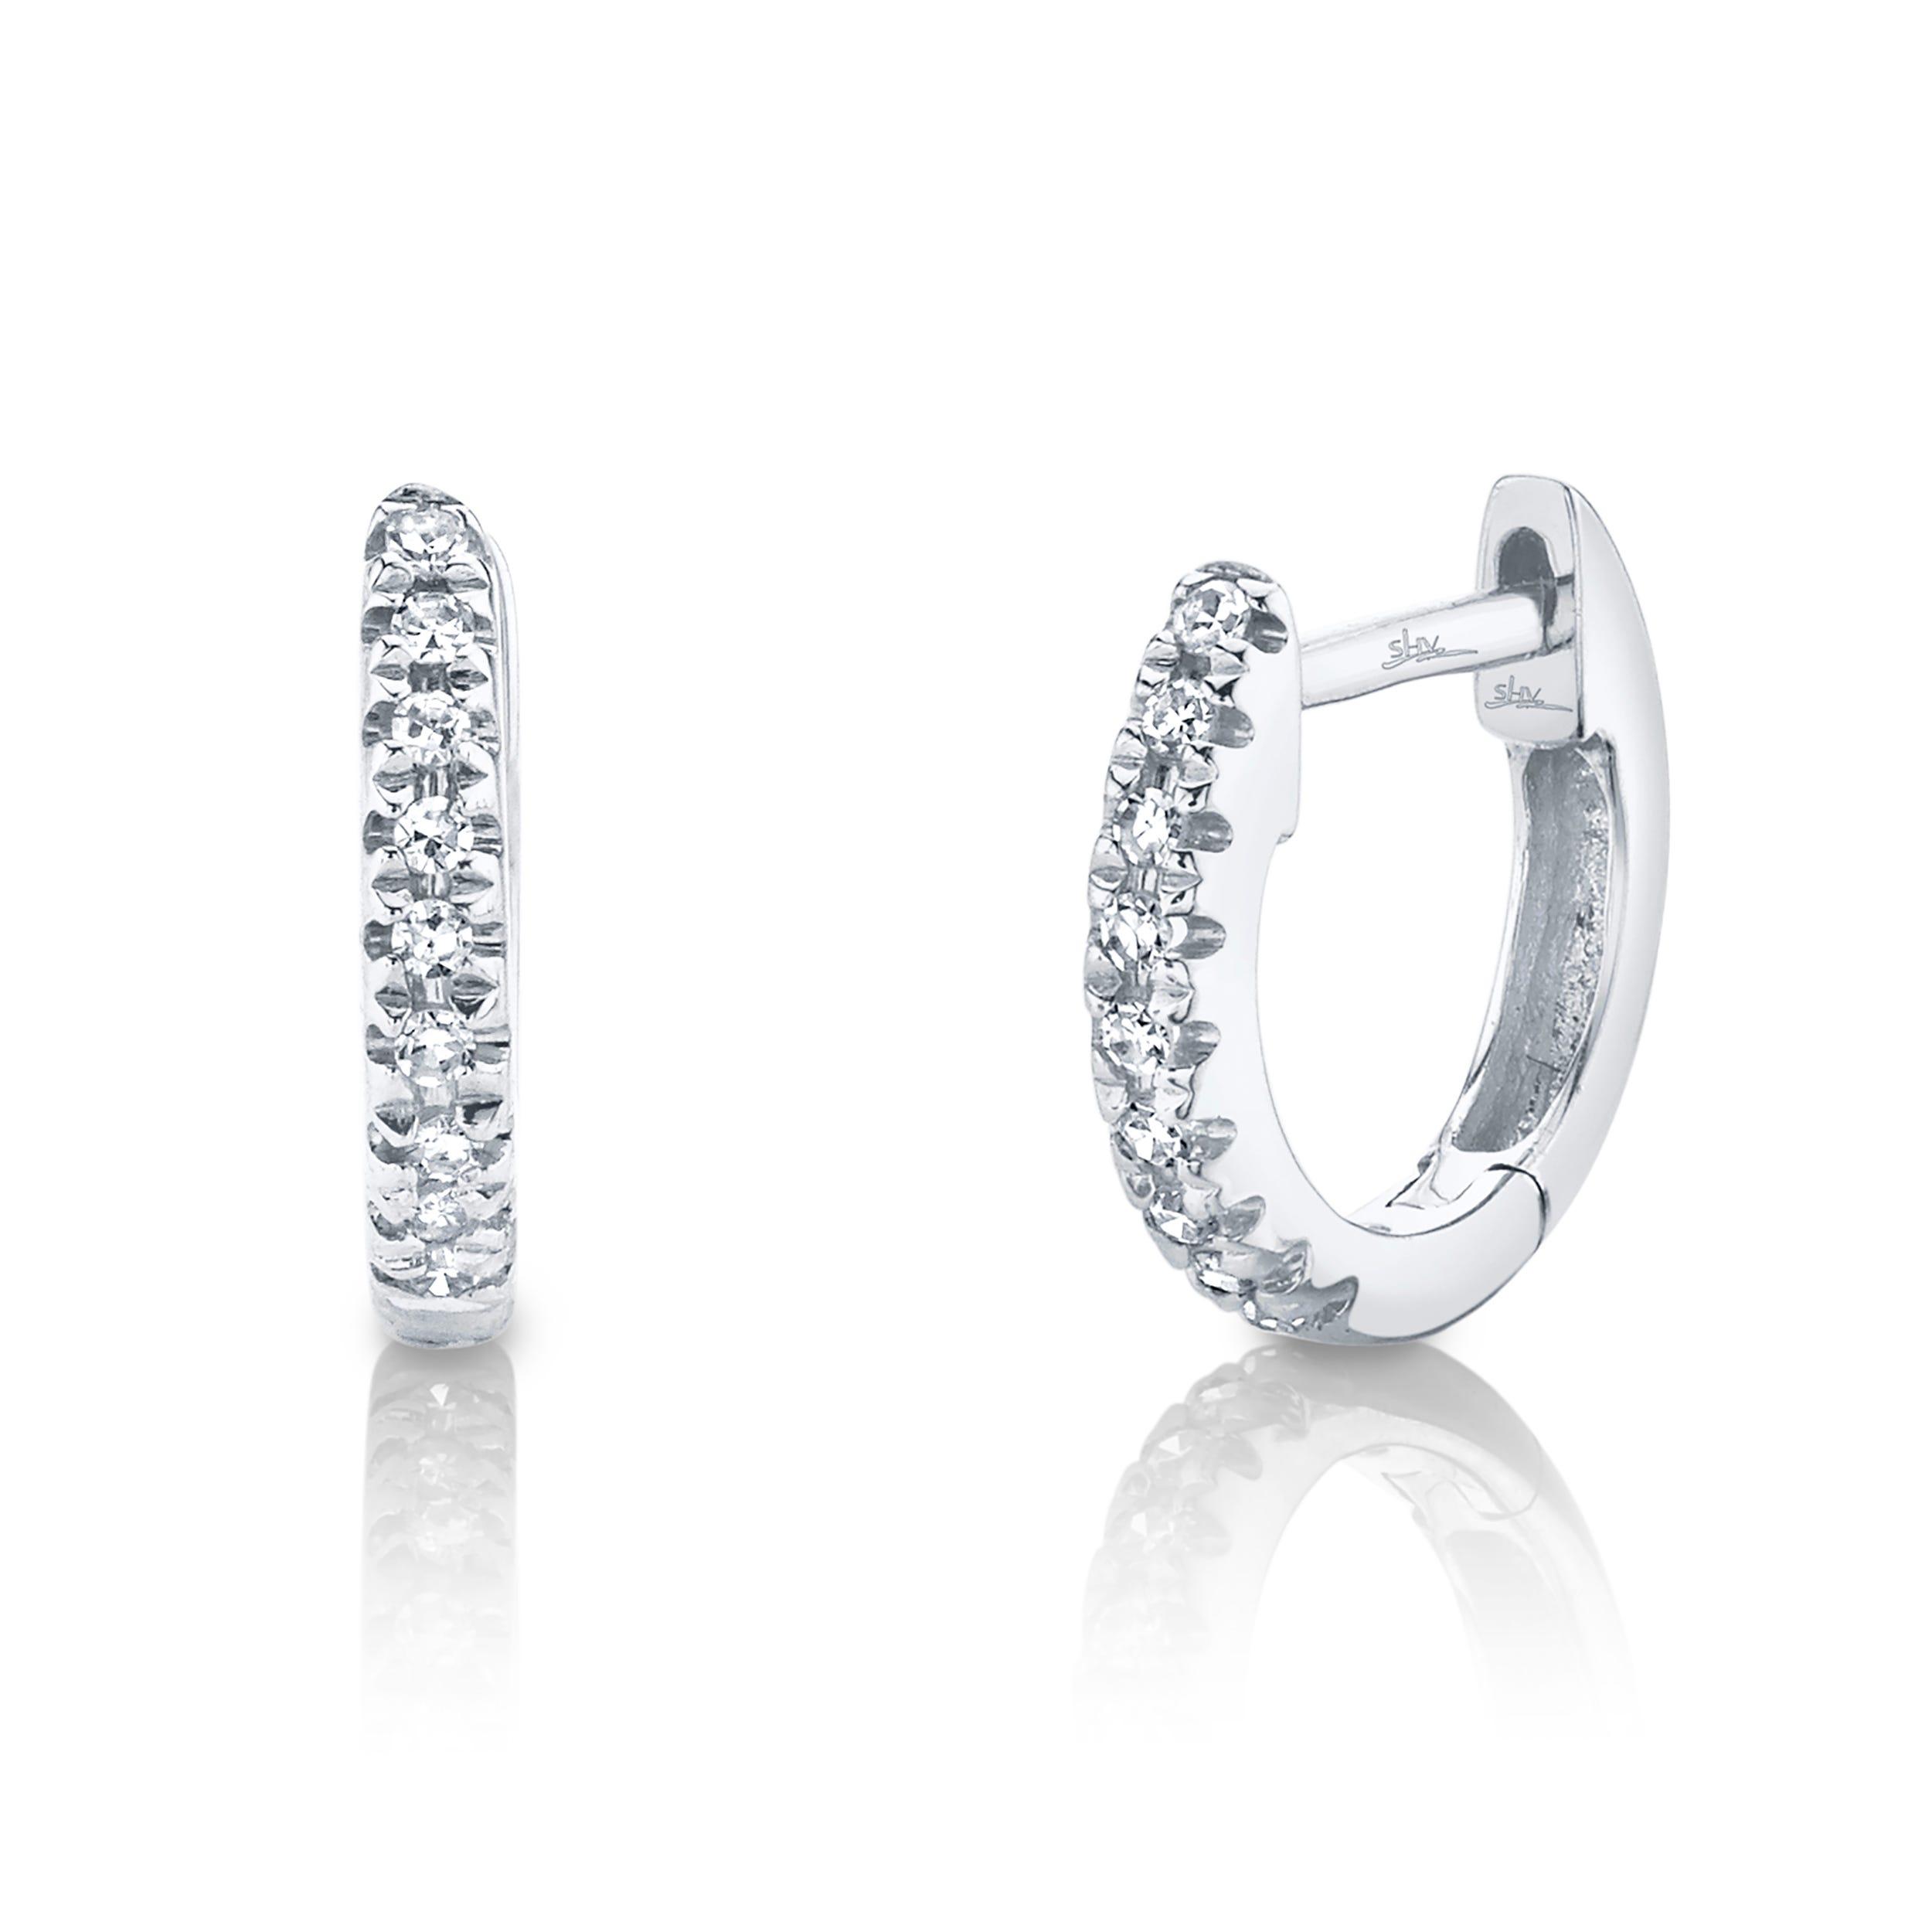 Shy Creation Diamond Huggie Earrings in 14k White Gold SC22003982V3